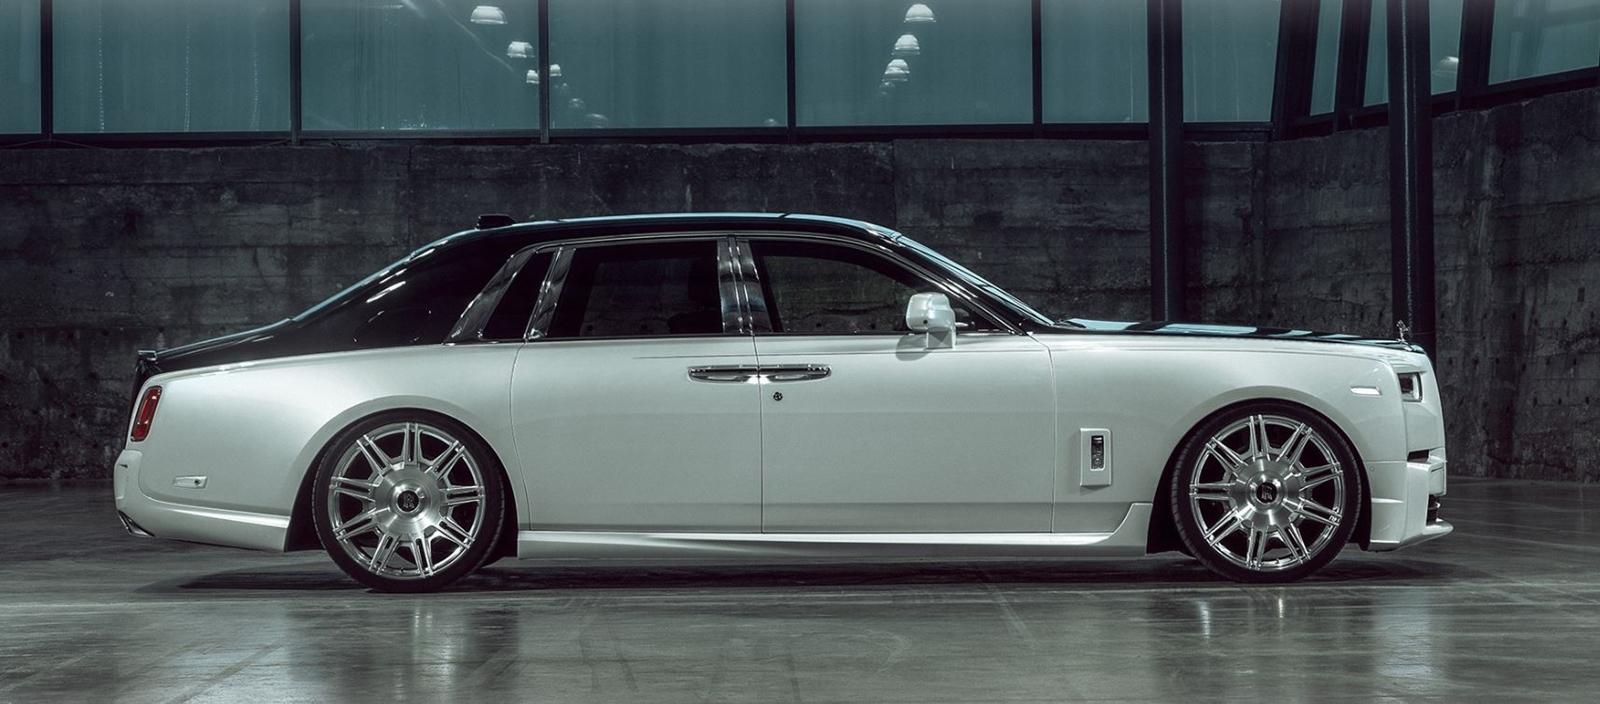 Rolls Royce Phantom Spofec (2)